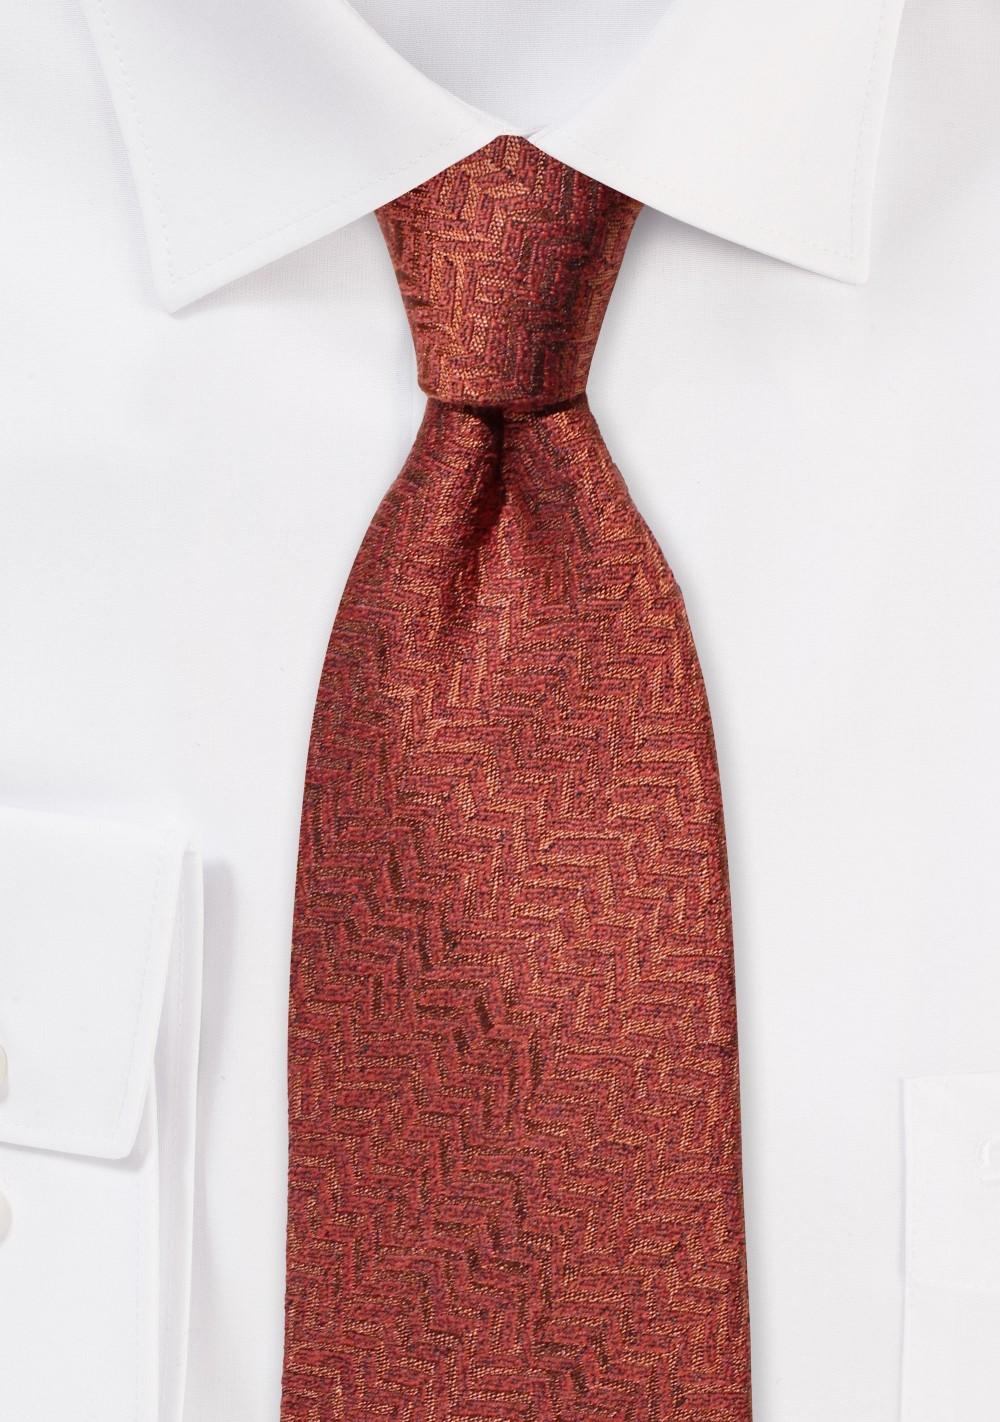 Rust Red Herringbone Wool Necktie